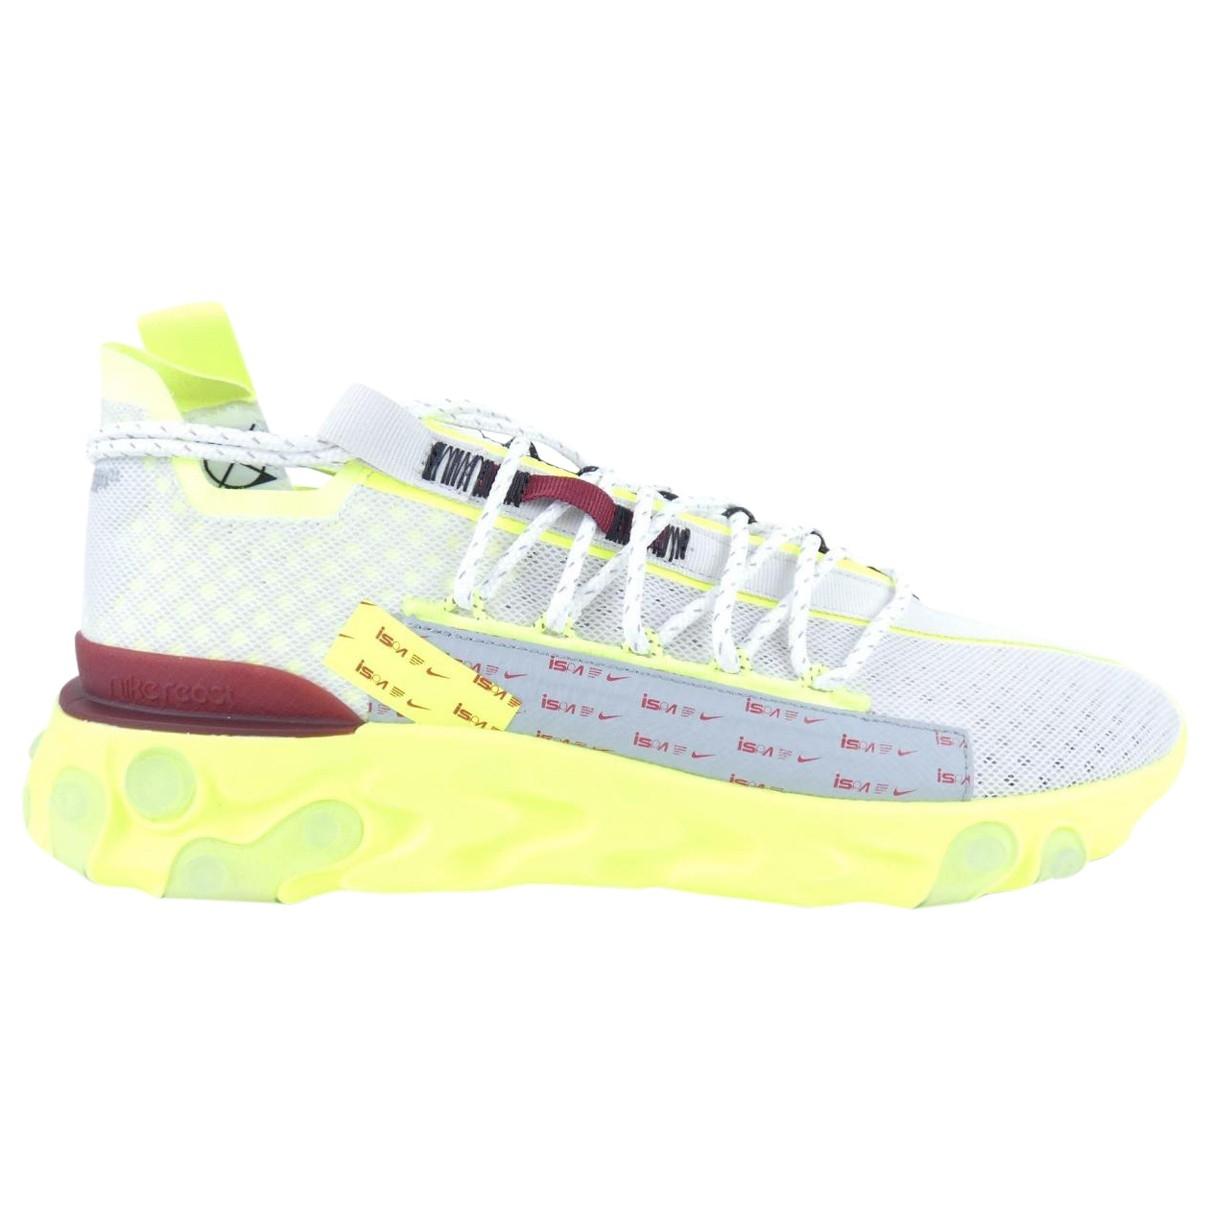 Nike - Baskets   pour homme en toile - multicolore